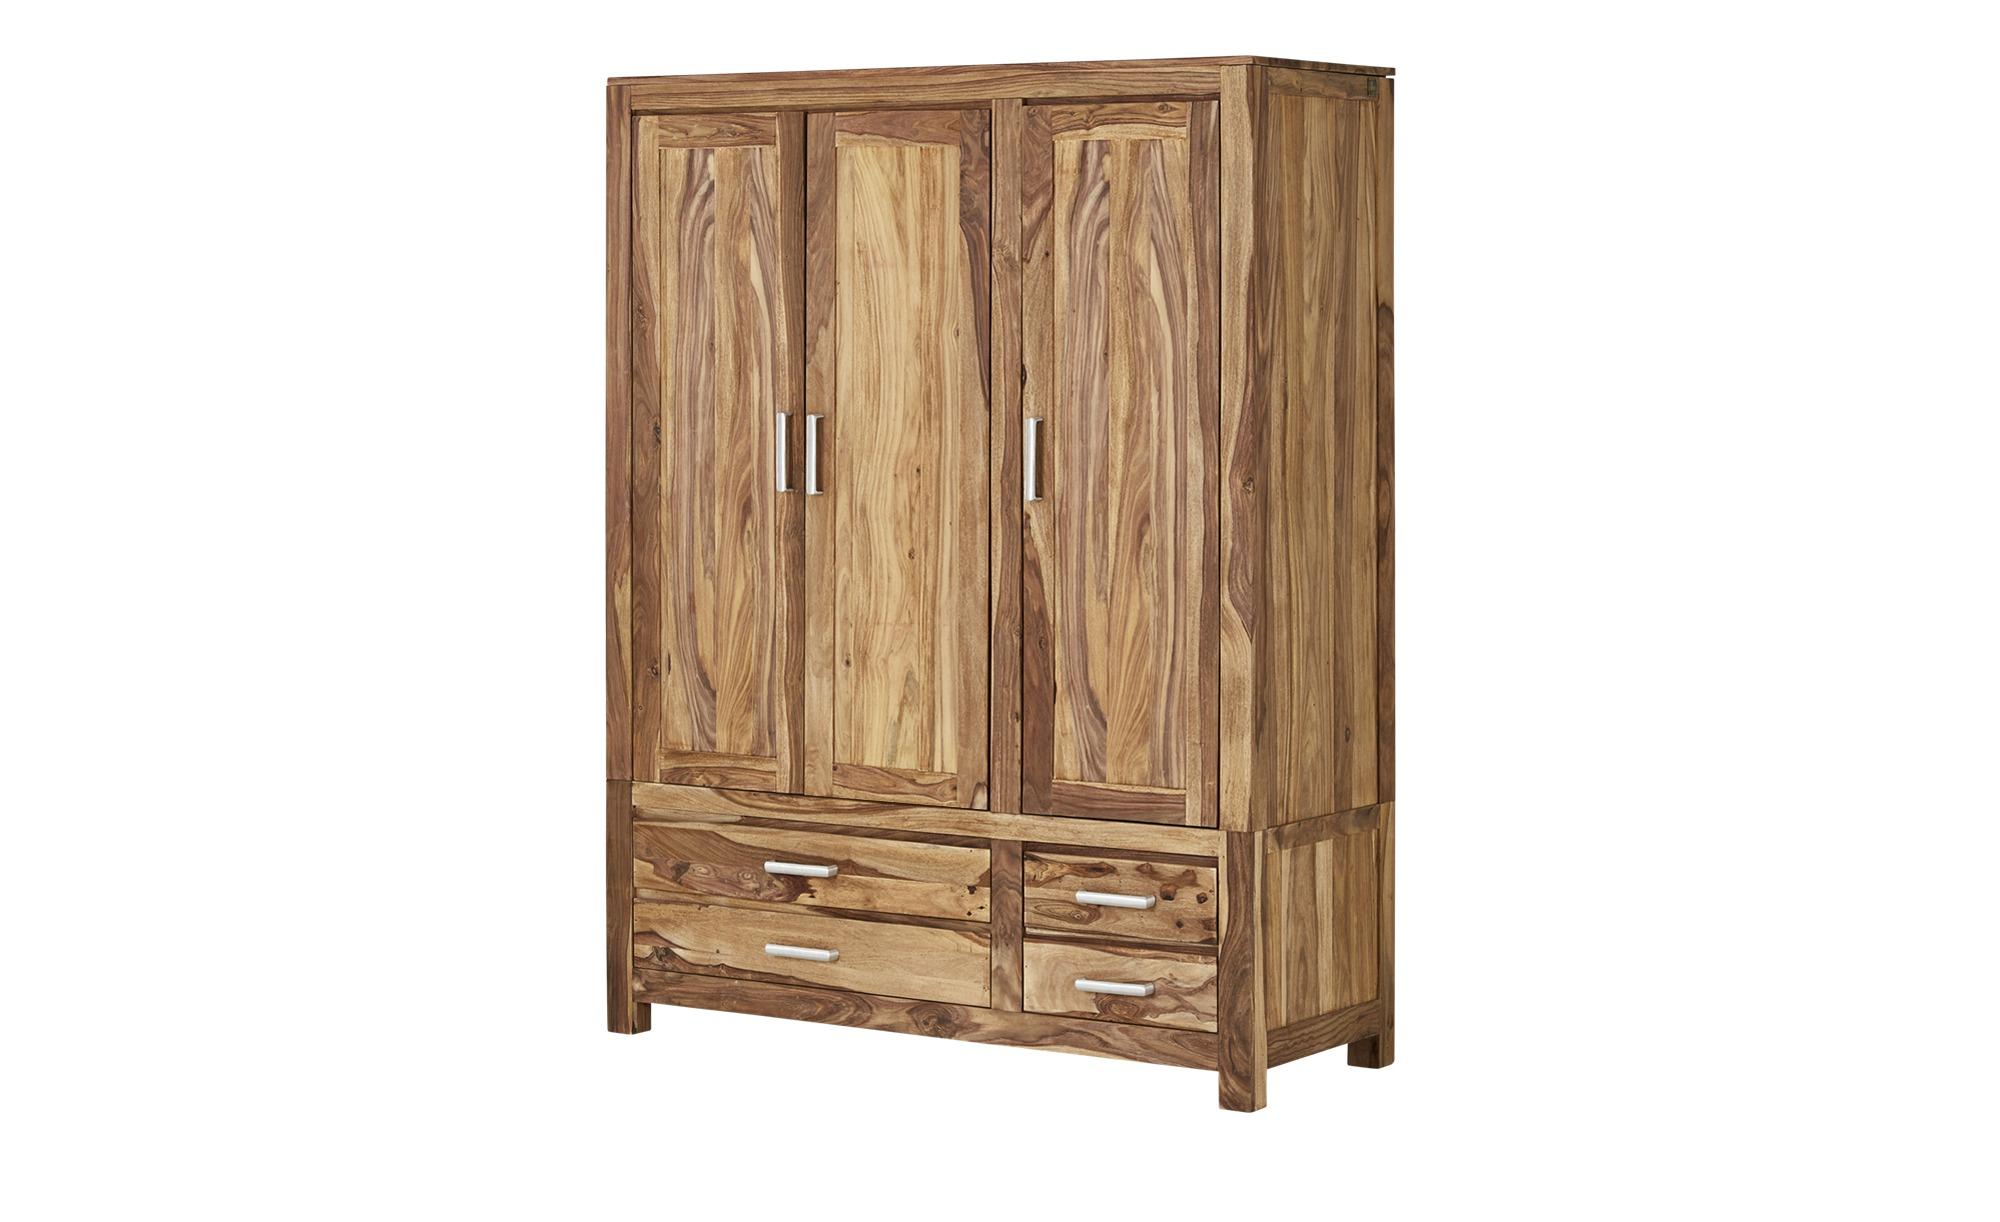 Holzwerkstoff Furniert Holz Drehturenschranke Online Kaufen Mobel